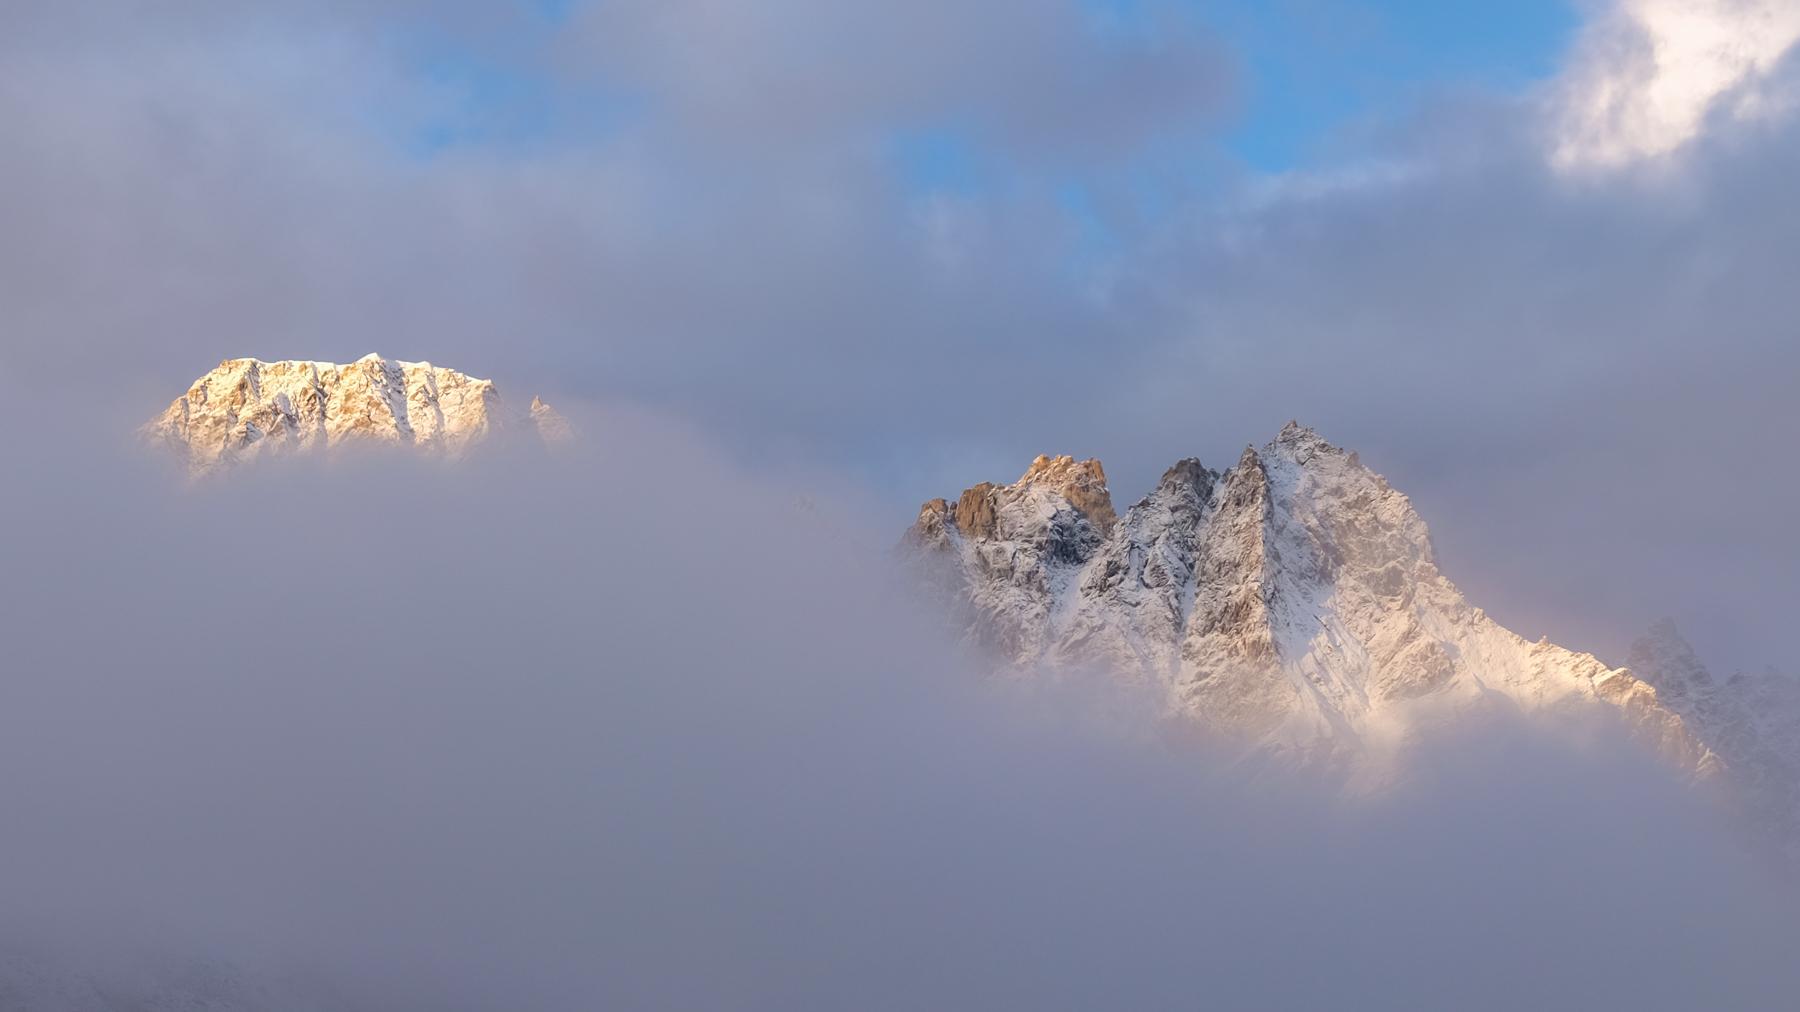 Kala Patthar & Gokyo, Everest 3 pass #3 67